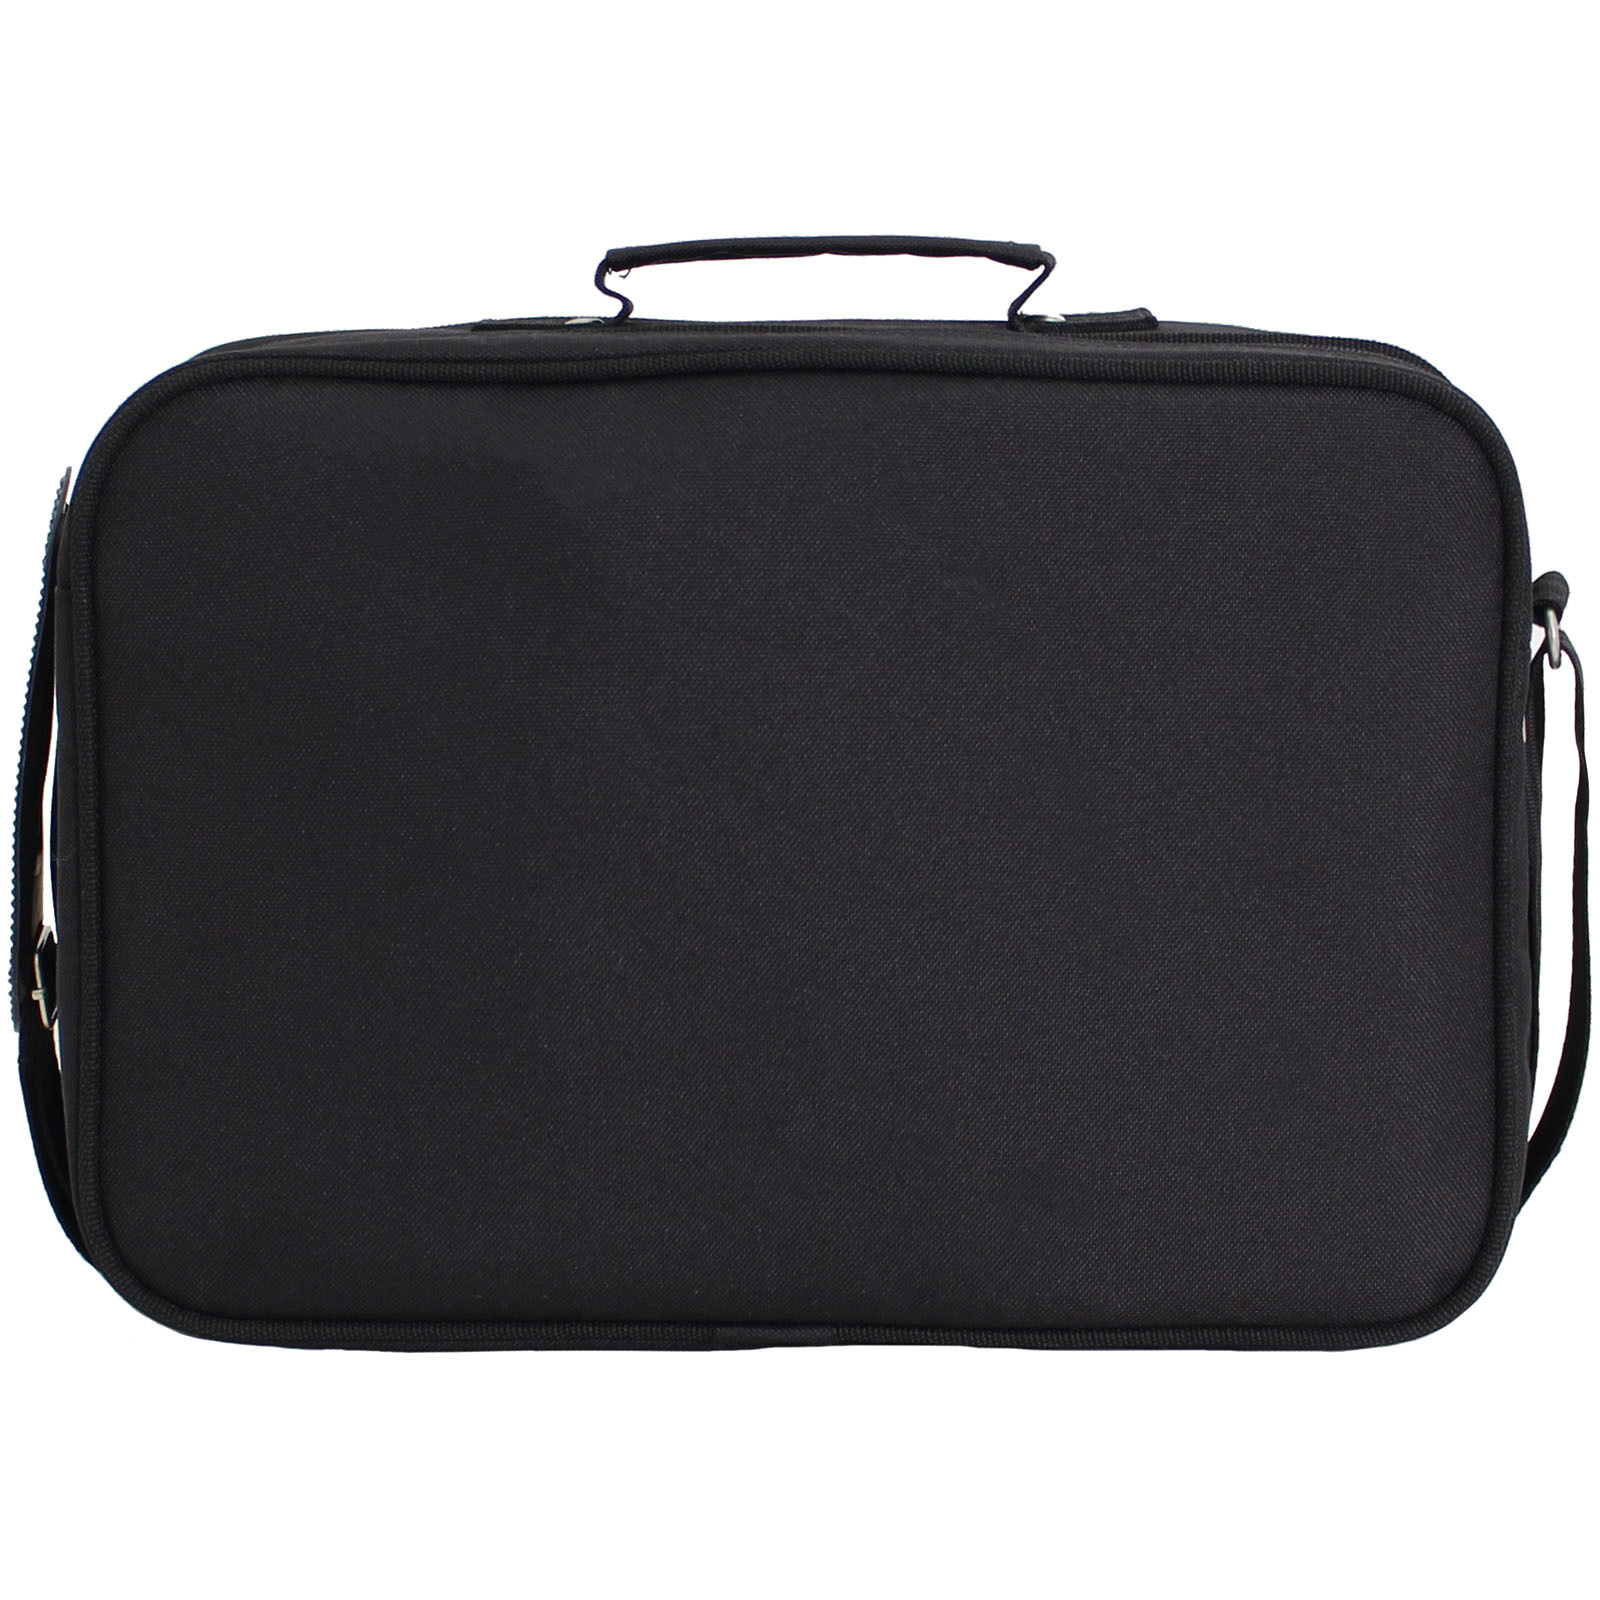 Мужская сумка Bagland Mr.Black 11 л. Чёрный (0026466)